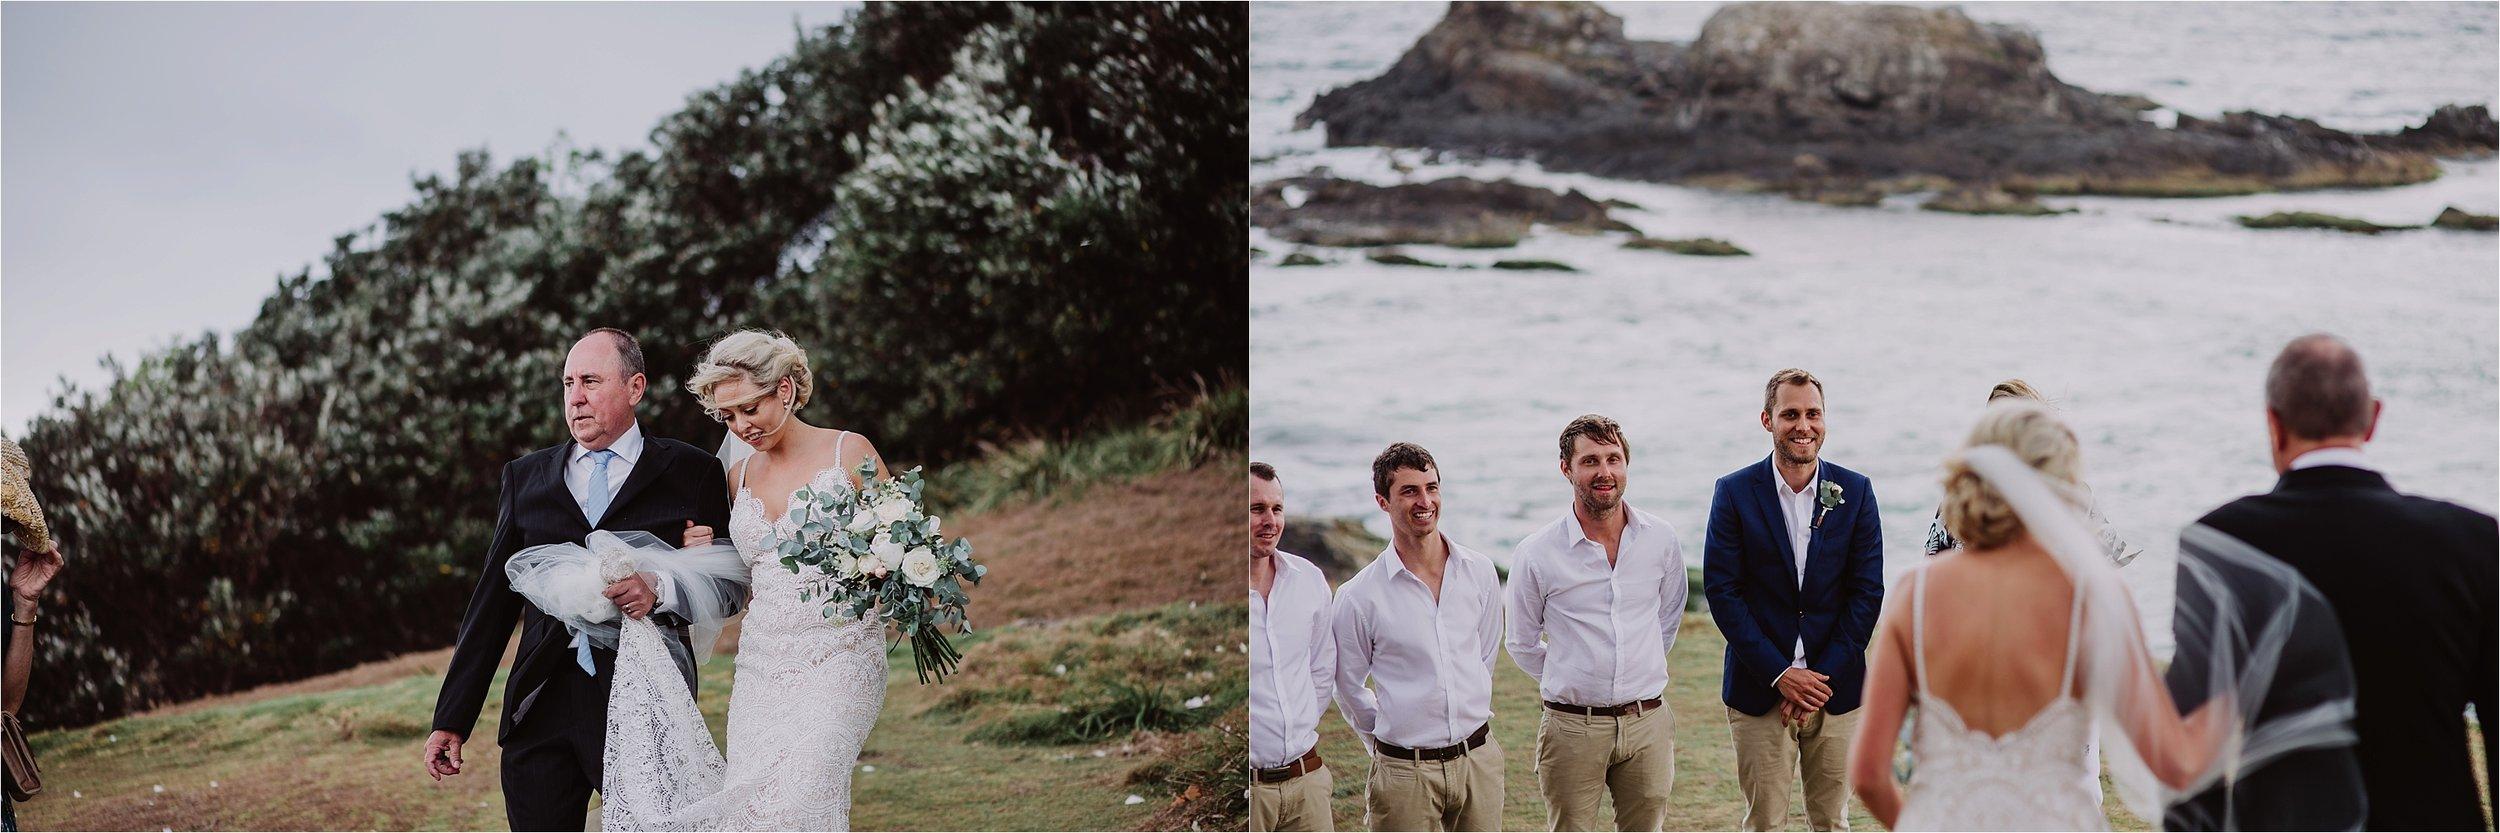 Broken_Headland_Byron_Bay_Wedding-by_The_Follans_0052.jpg